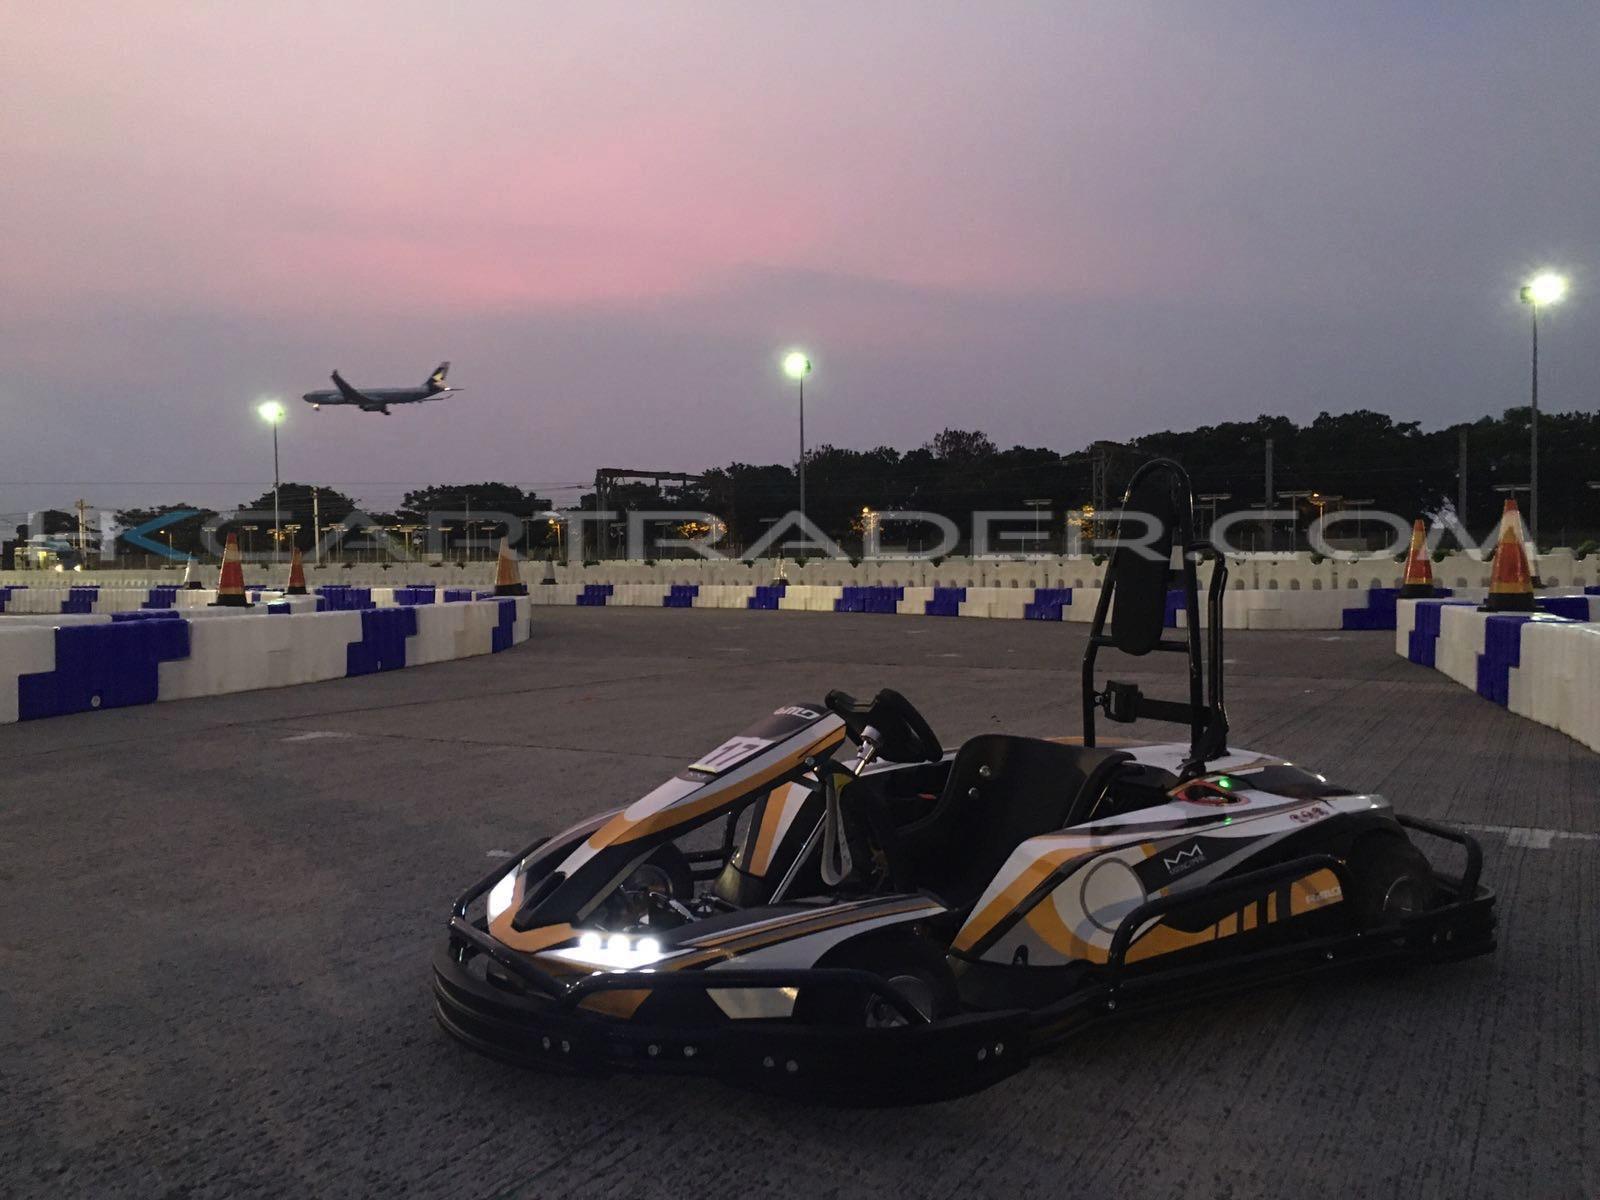 GO-KARTING IS BACK IN HONG KONG! - hkcartrader.com